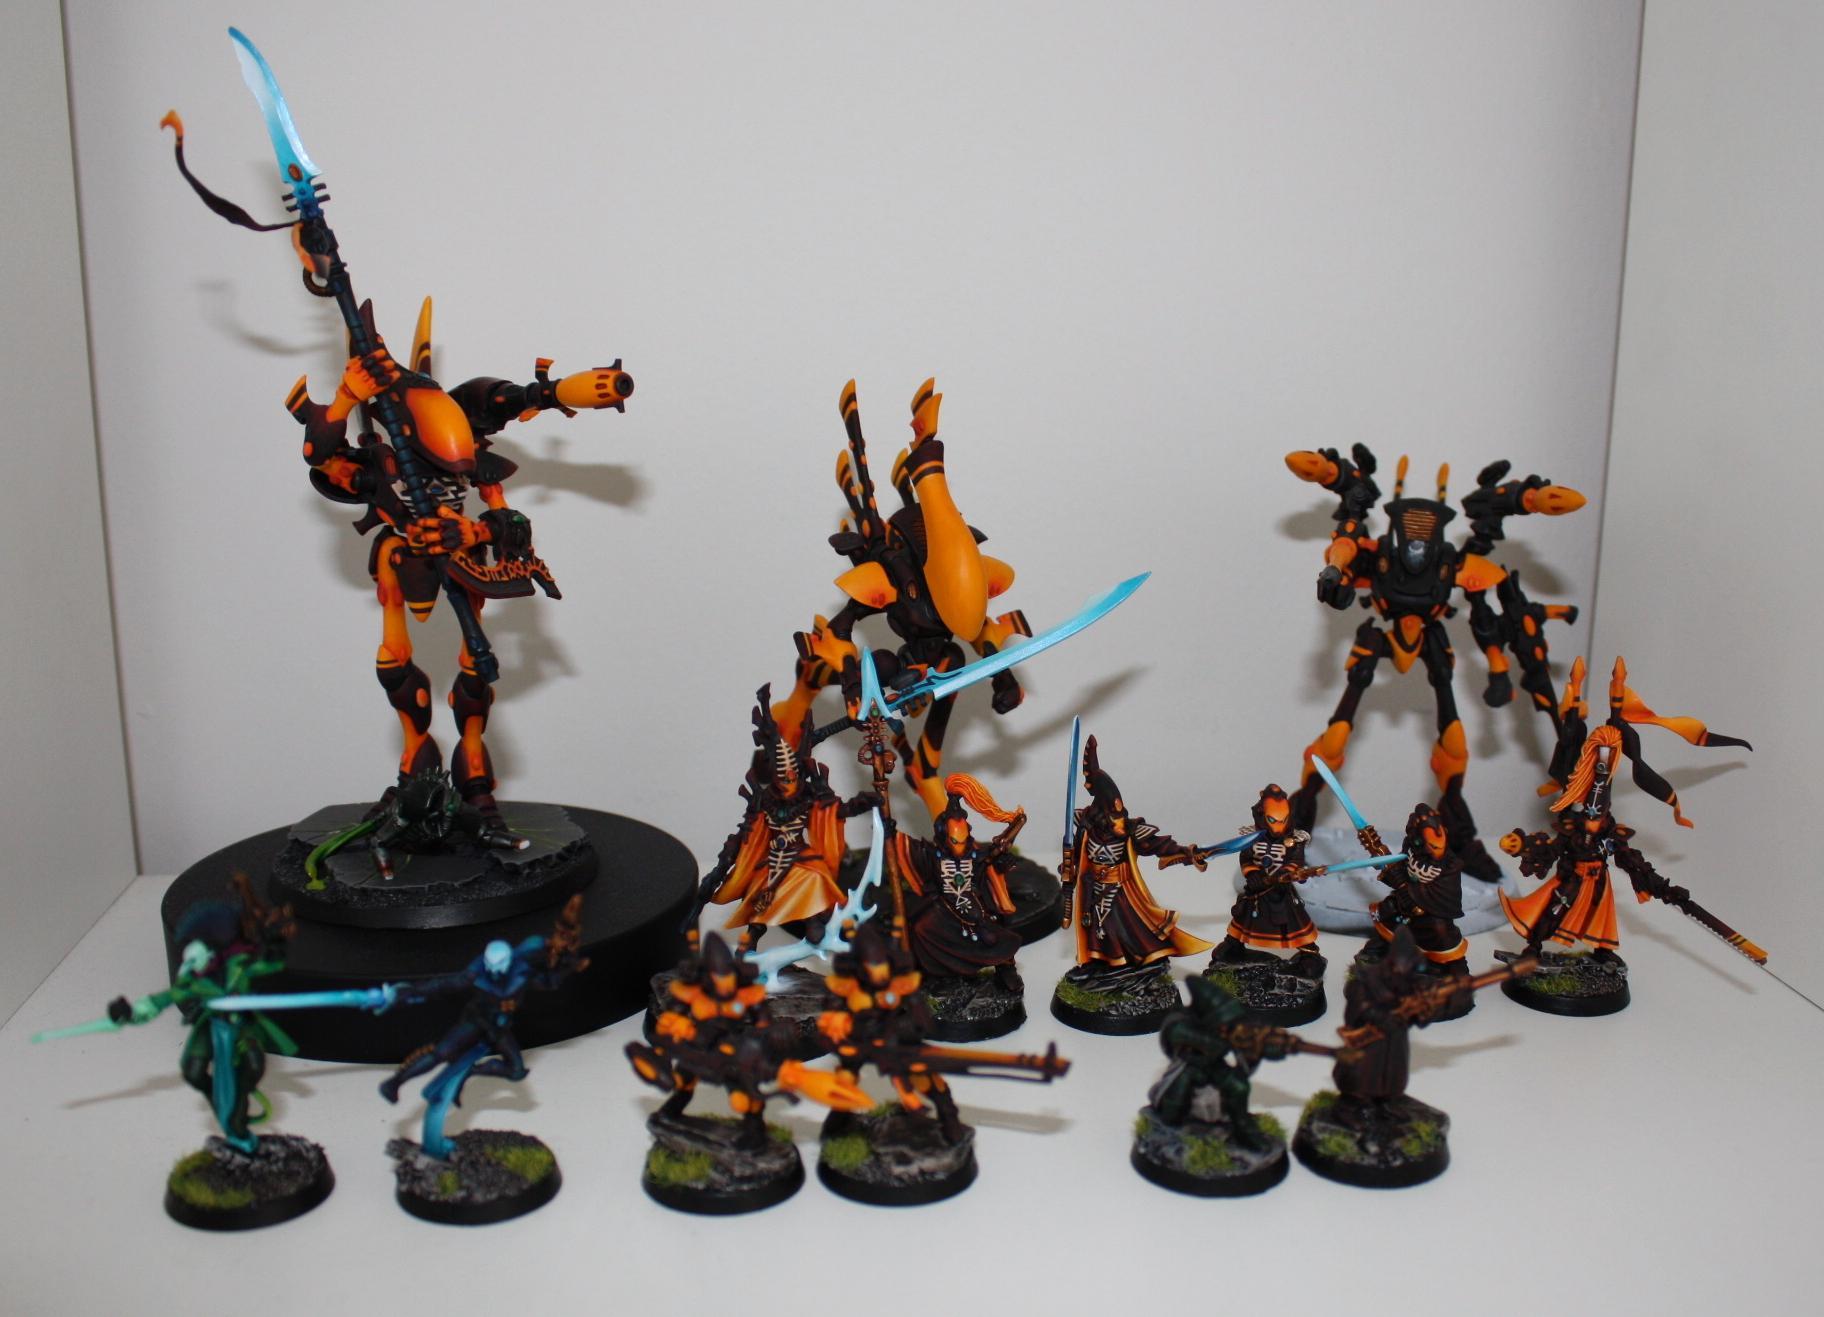 Autarch, Bonesinger, Eldar, Farseer, Harlequins, Warlock, Wraithlord, Wraithseer